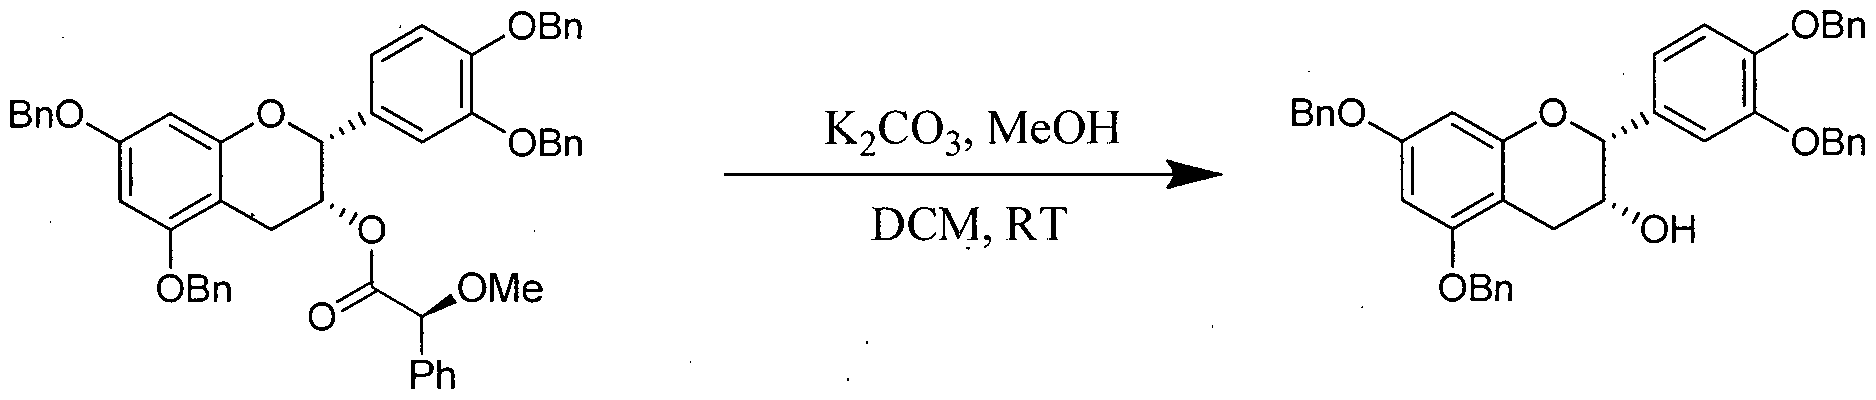 Figure imgf000038_0001